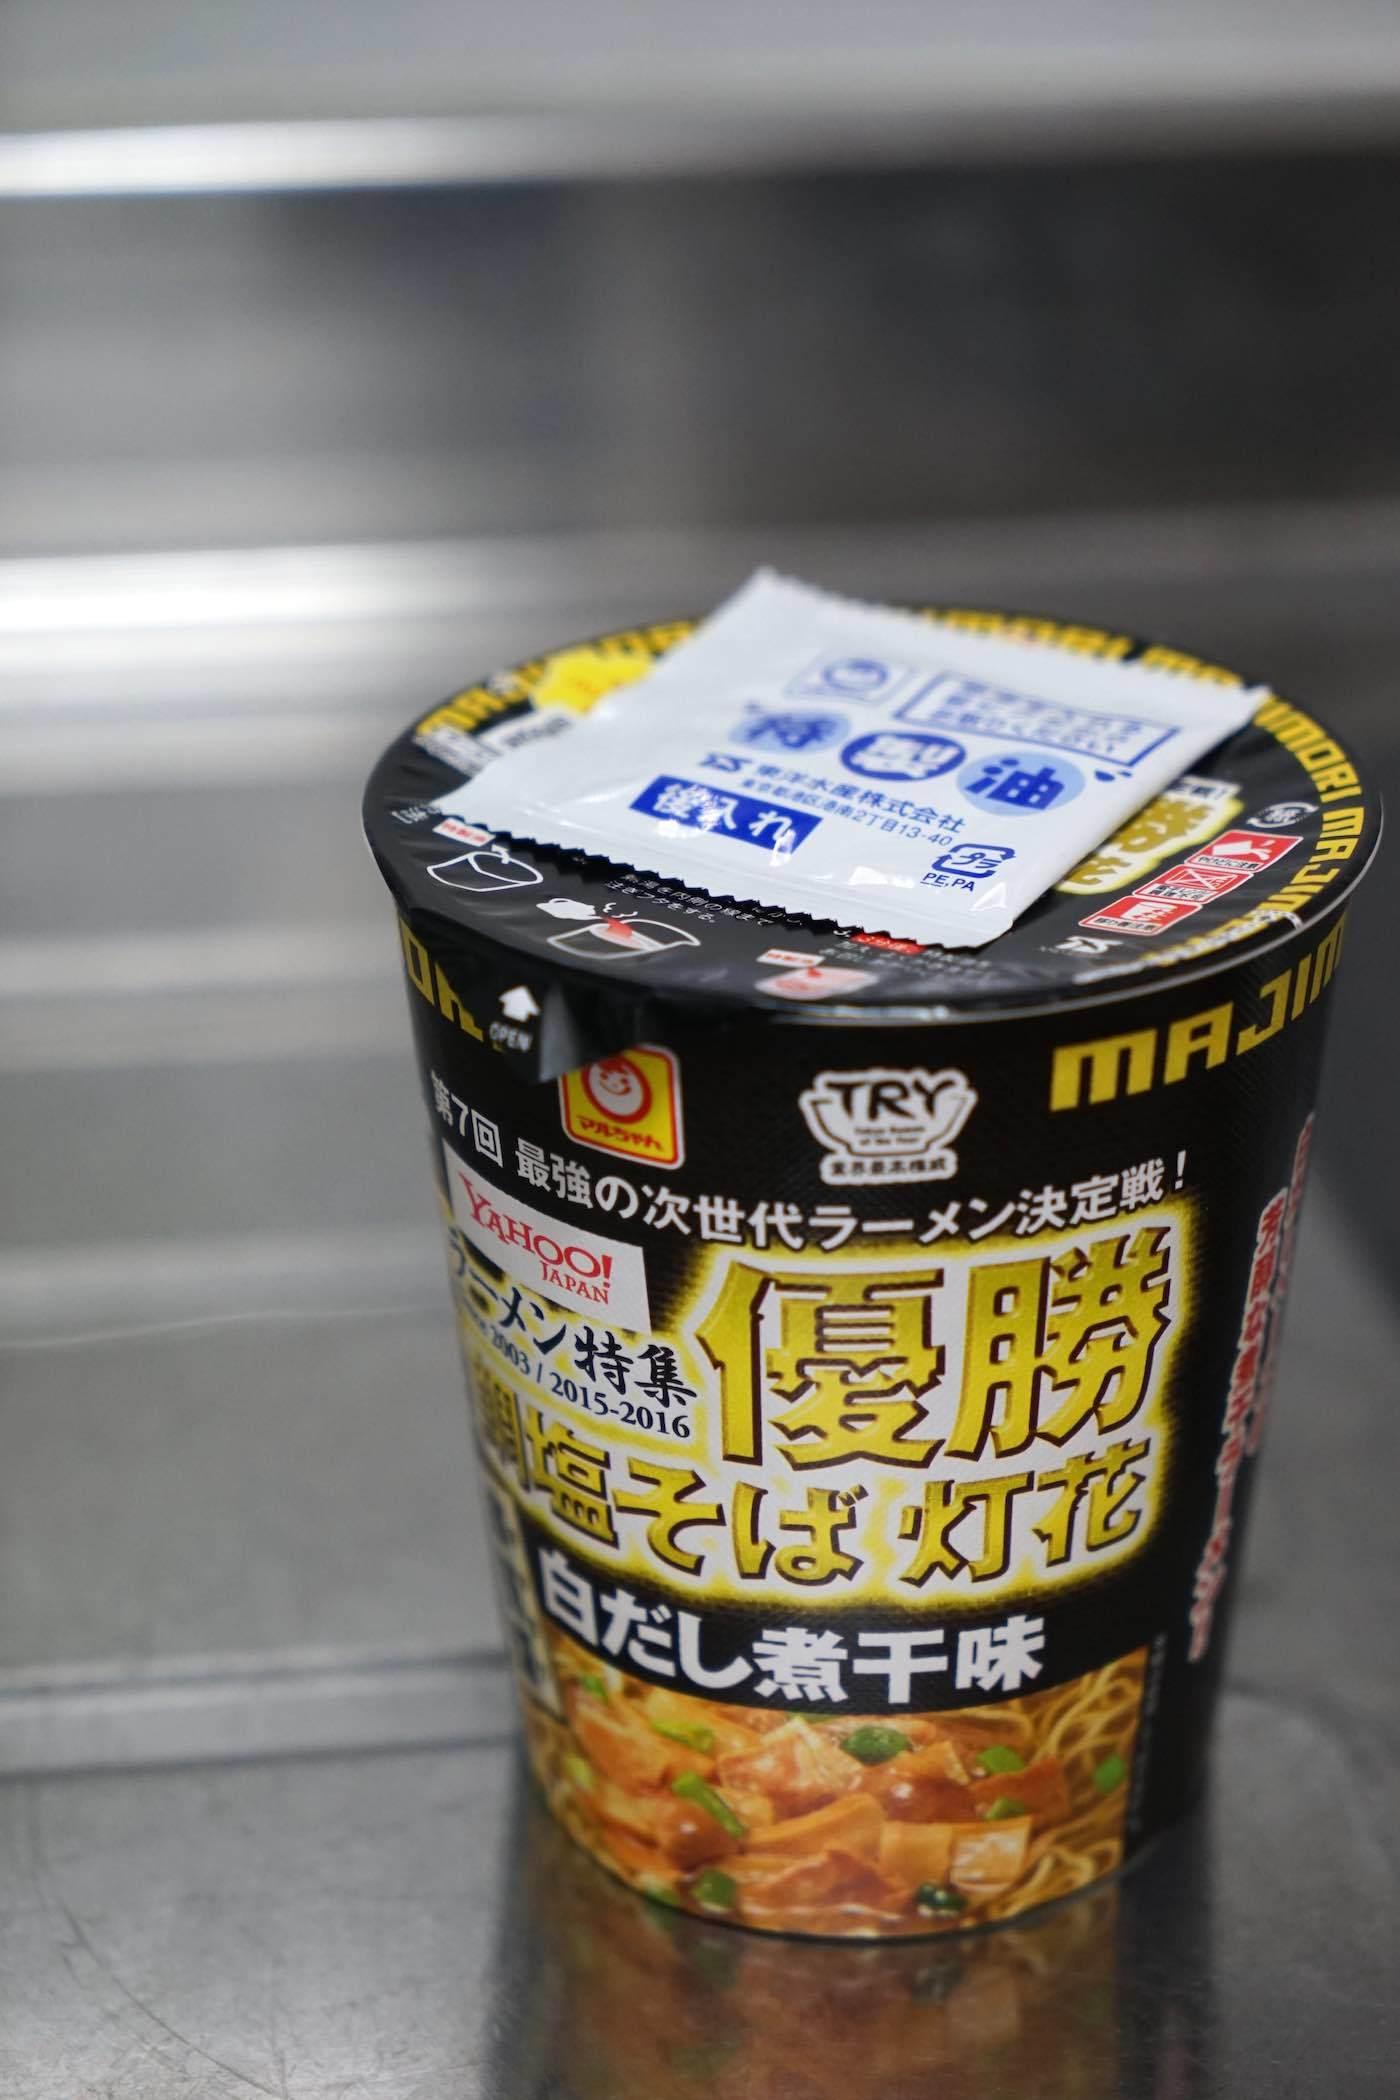 東洋水産 マルちゃん 本気盛 鯛塩そば 灯花 白だし煮干味_b0360240_20404392.jpg